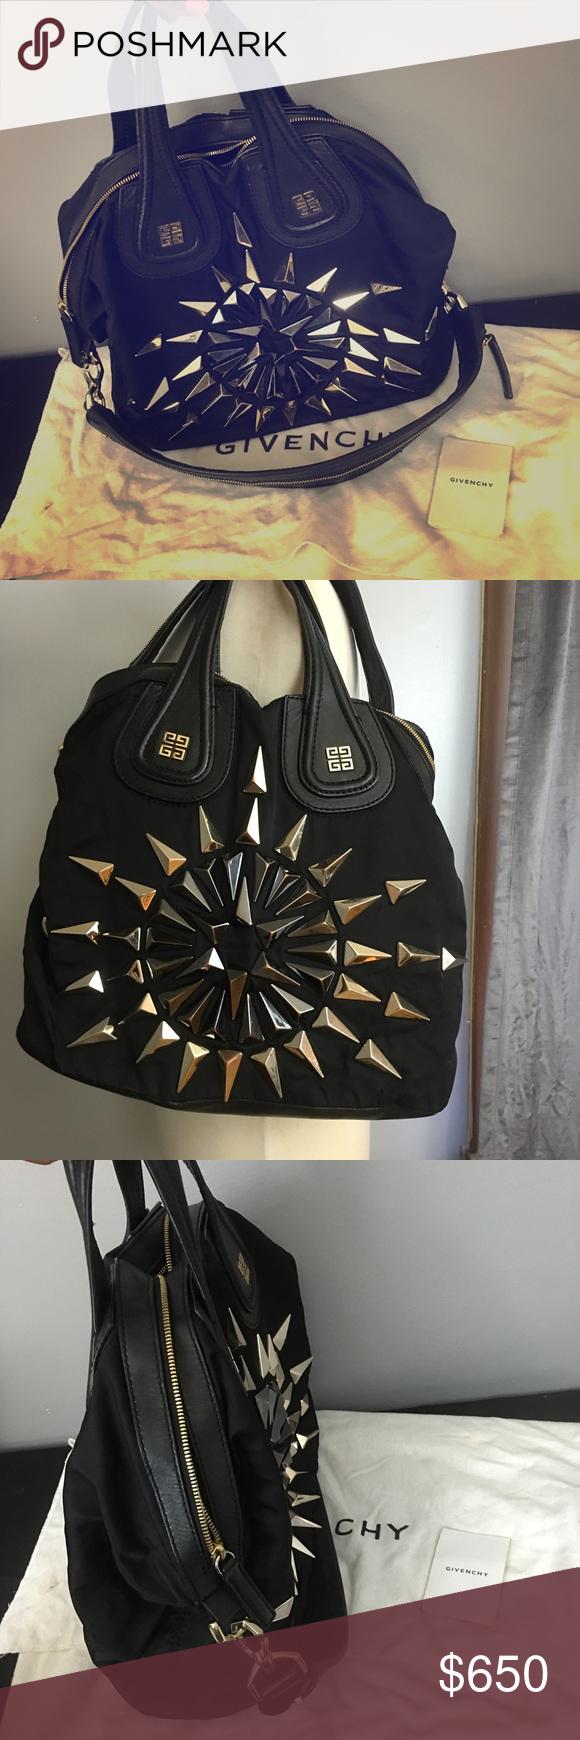 454ba9db03 Authentic Givenchy Nightingale studded Rare studded sunburst nightingale  nylon satchel